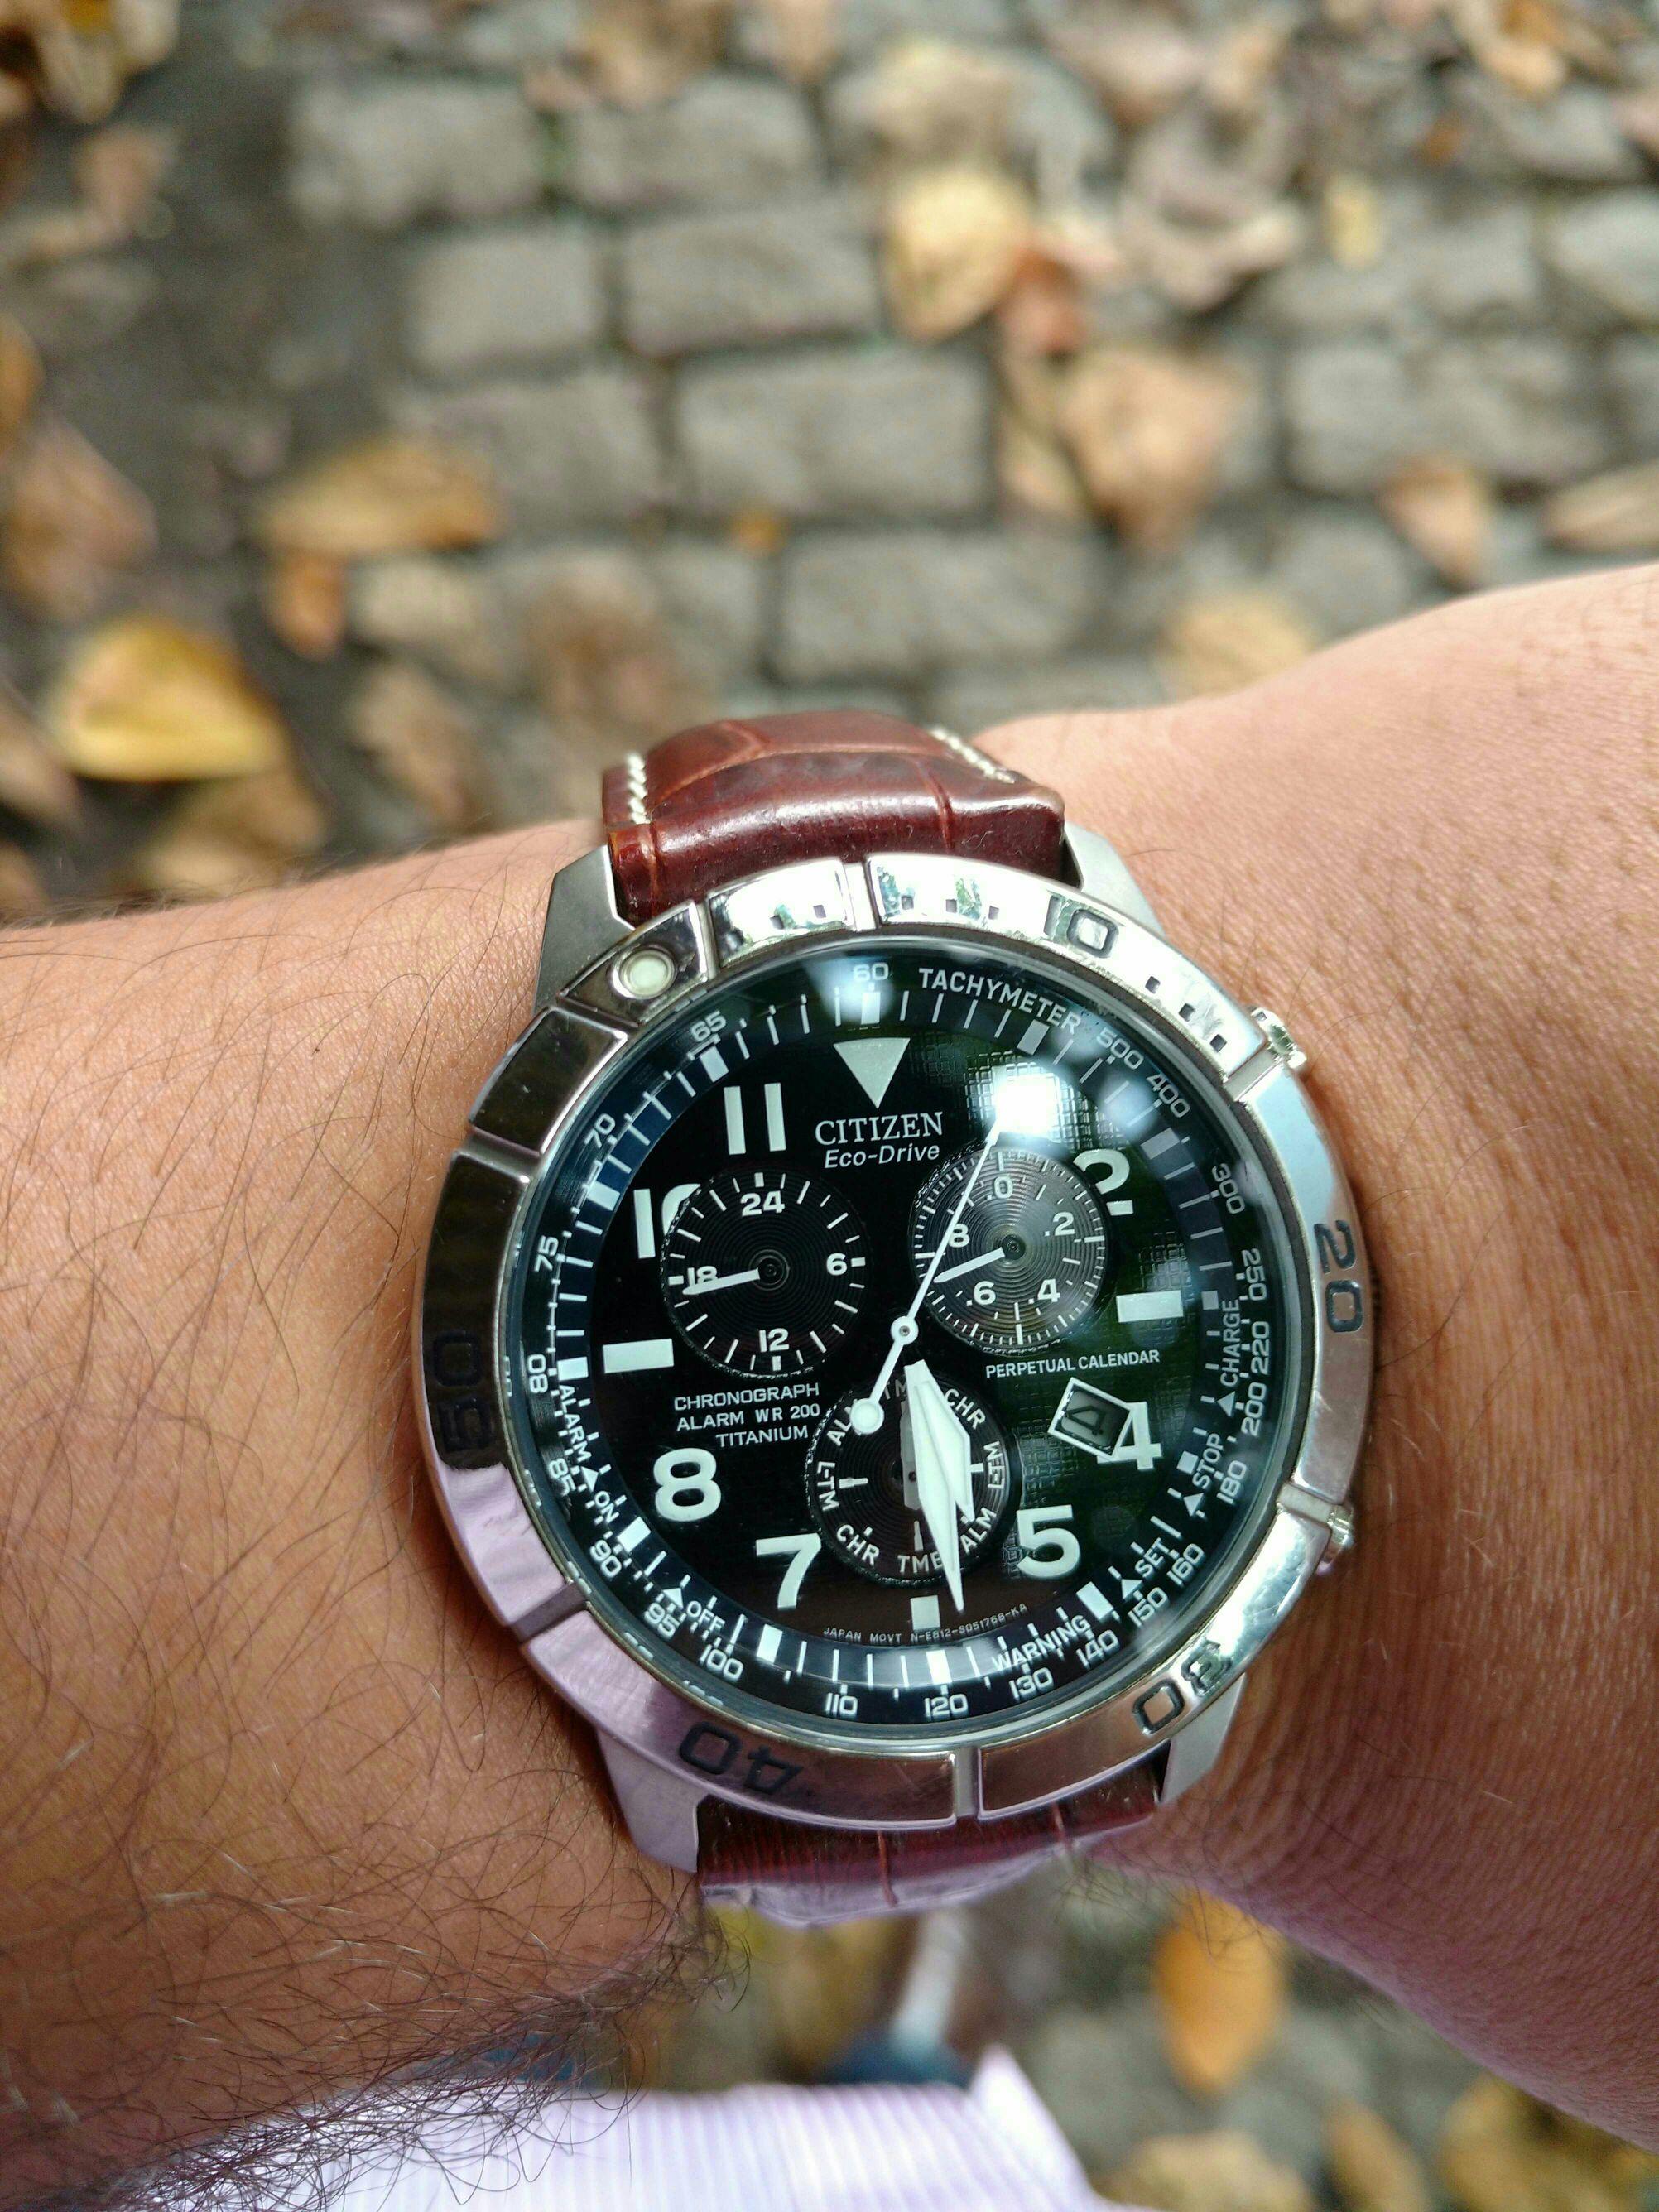 fe27618dfd4 OficialMOB  Relógios - Página 2041